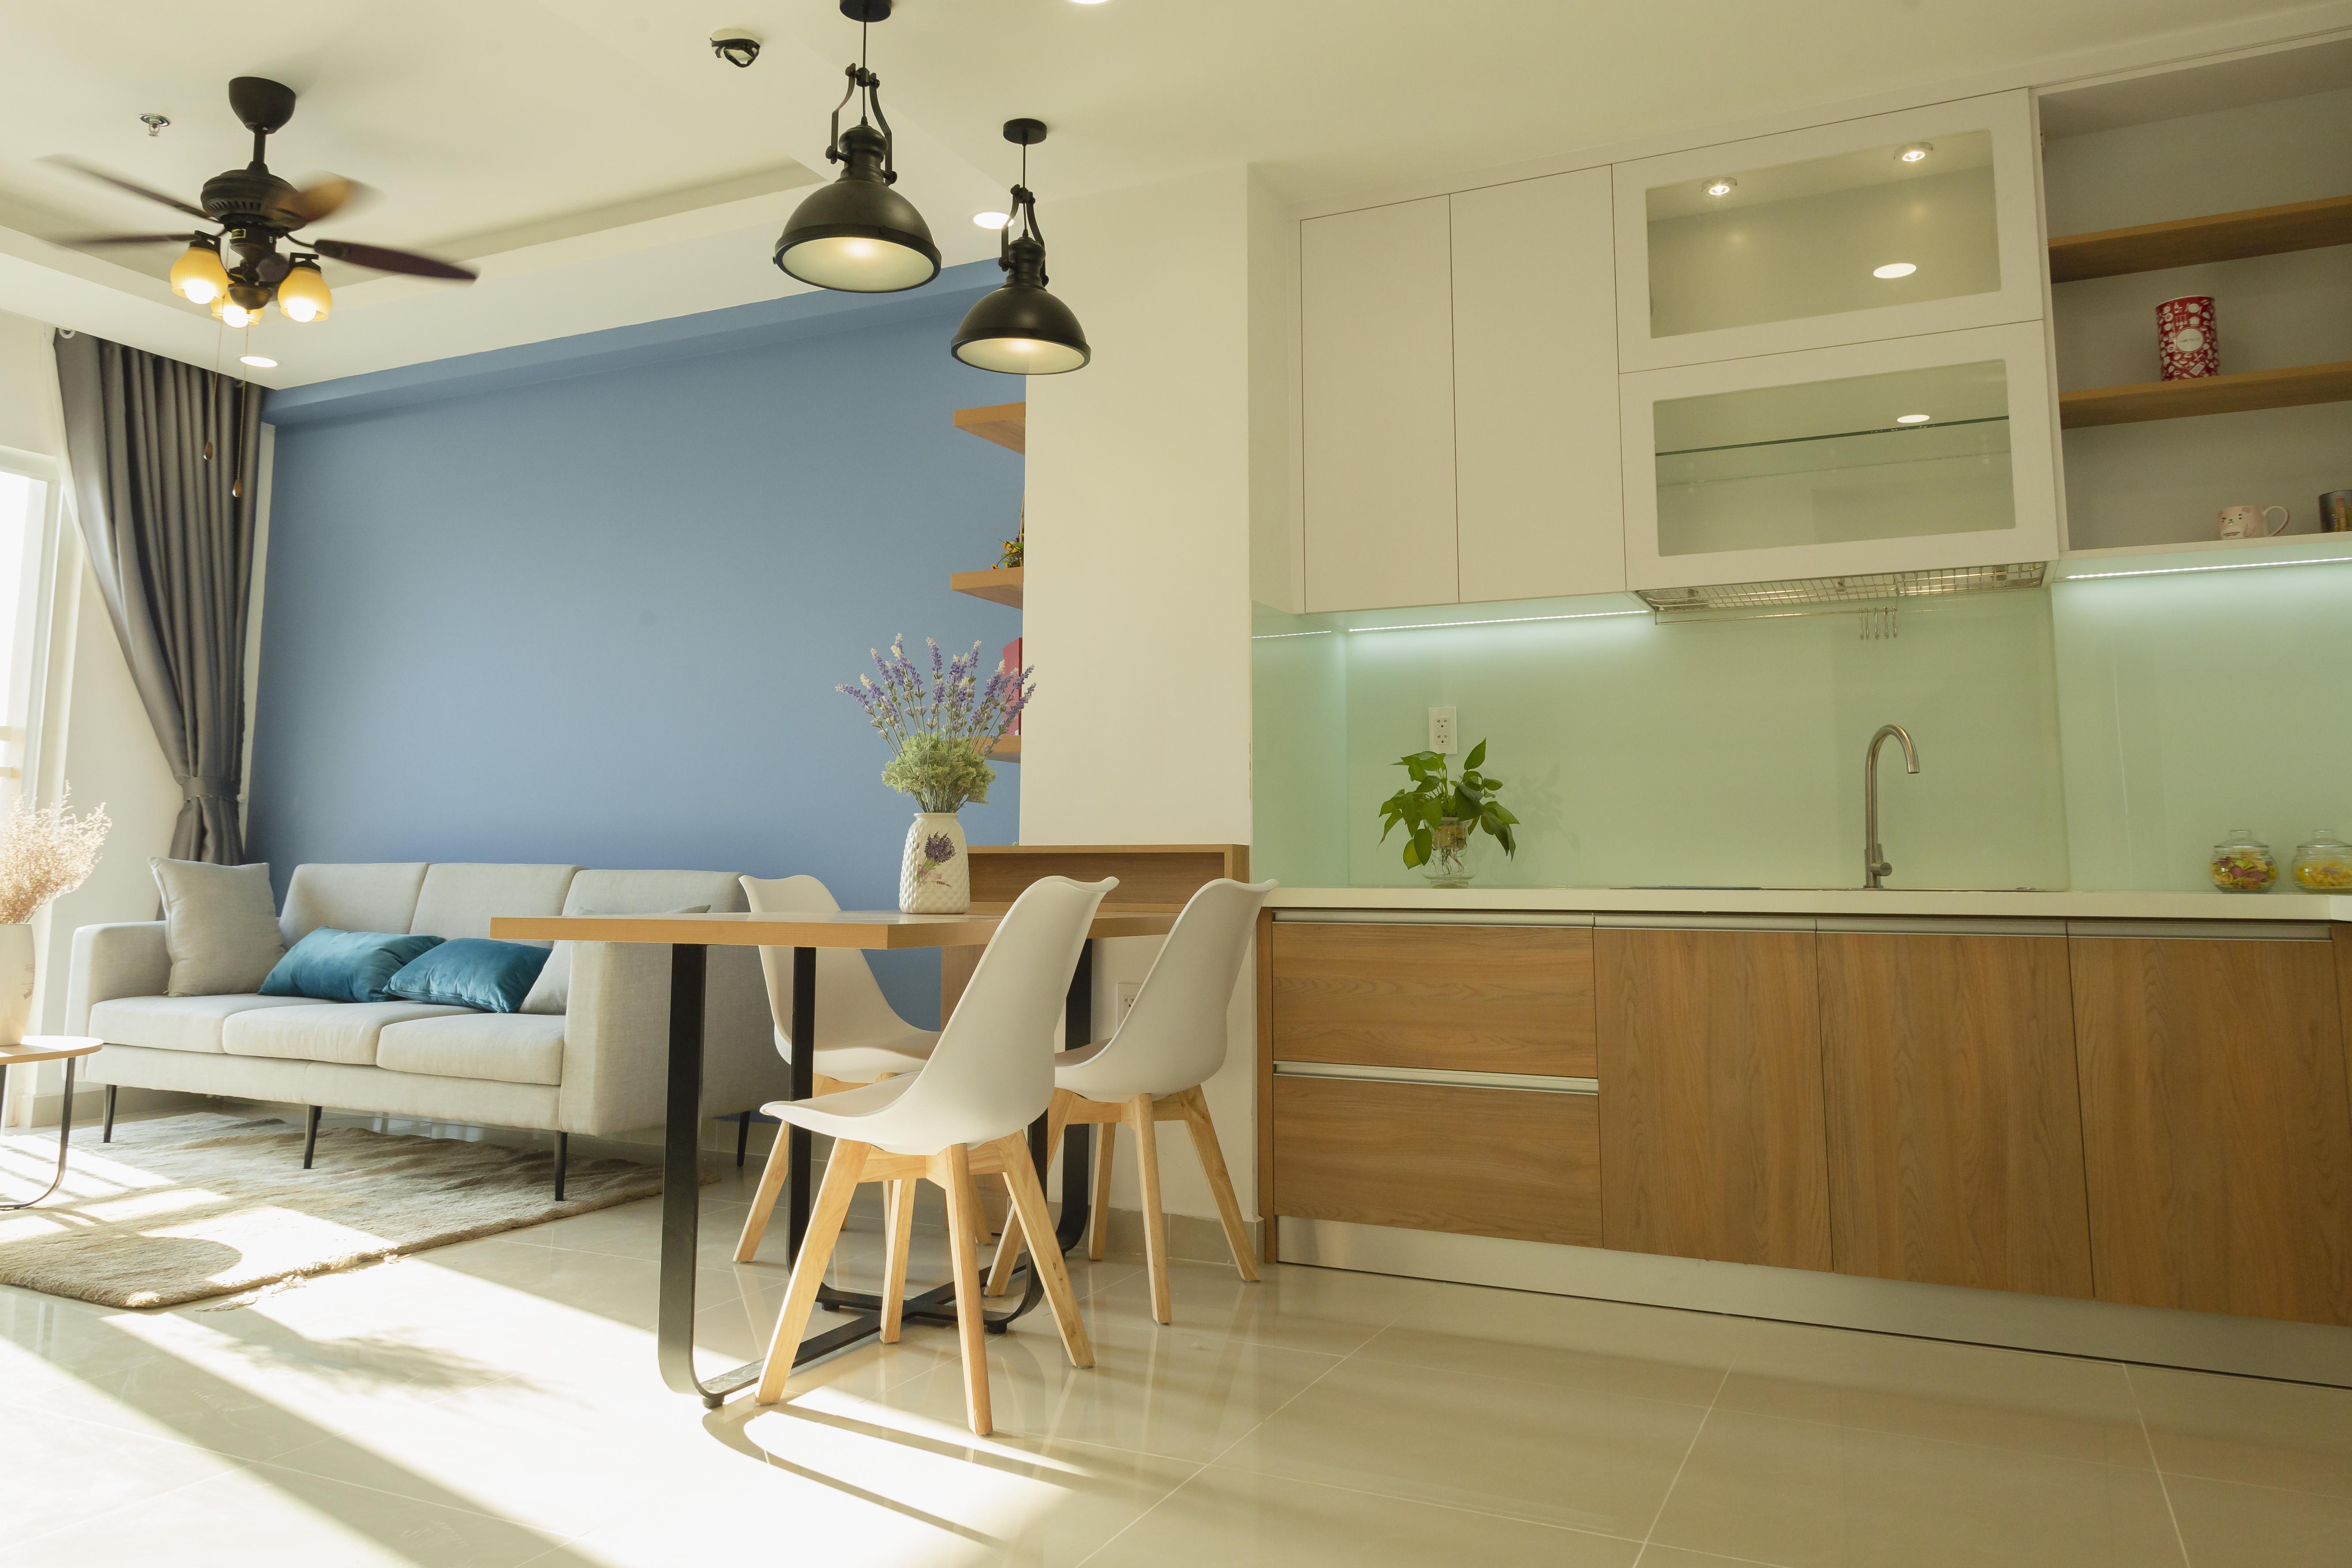 Thiết kế thi công nội thất căn hộ Biconsi Chợ Đình Thủ Dầu Một